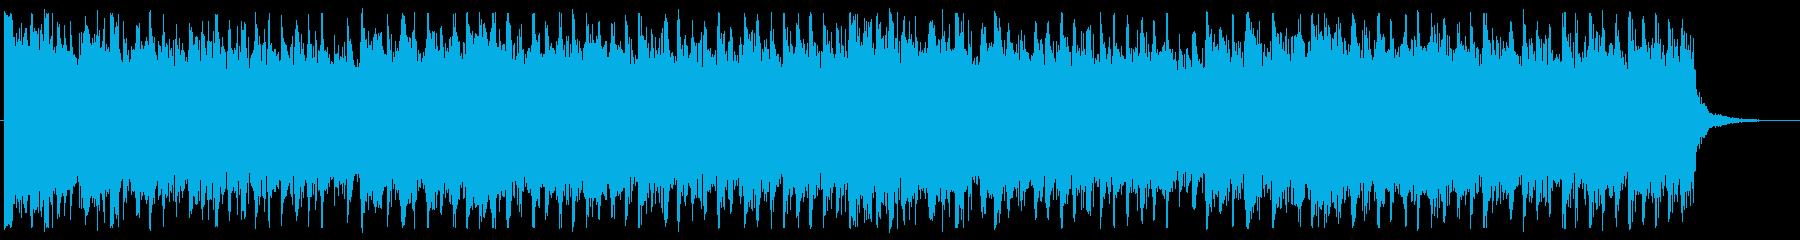 電子/疾走感/ロック_No358_4の再生済みの波形